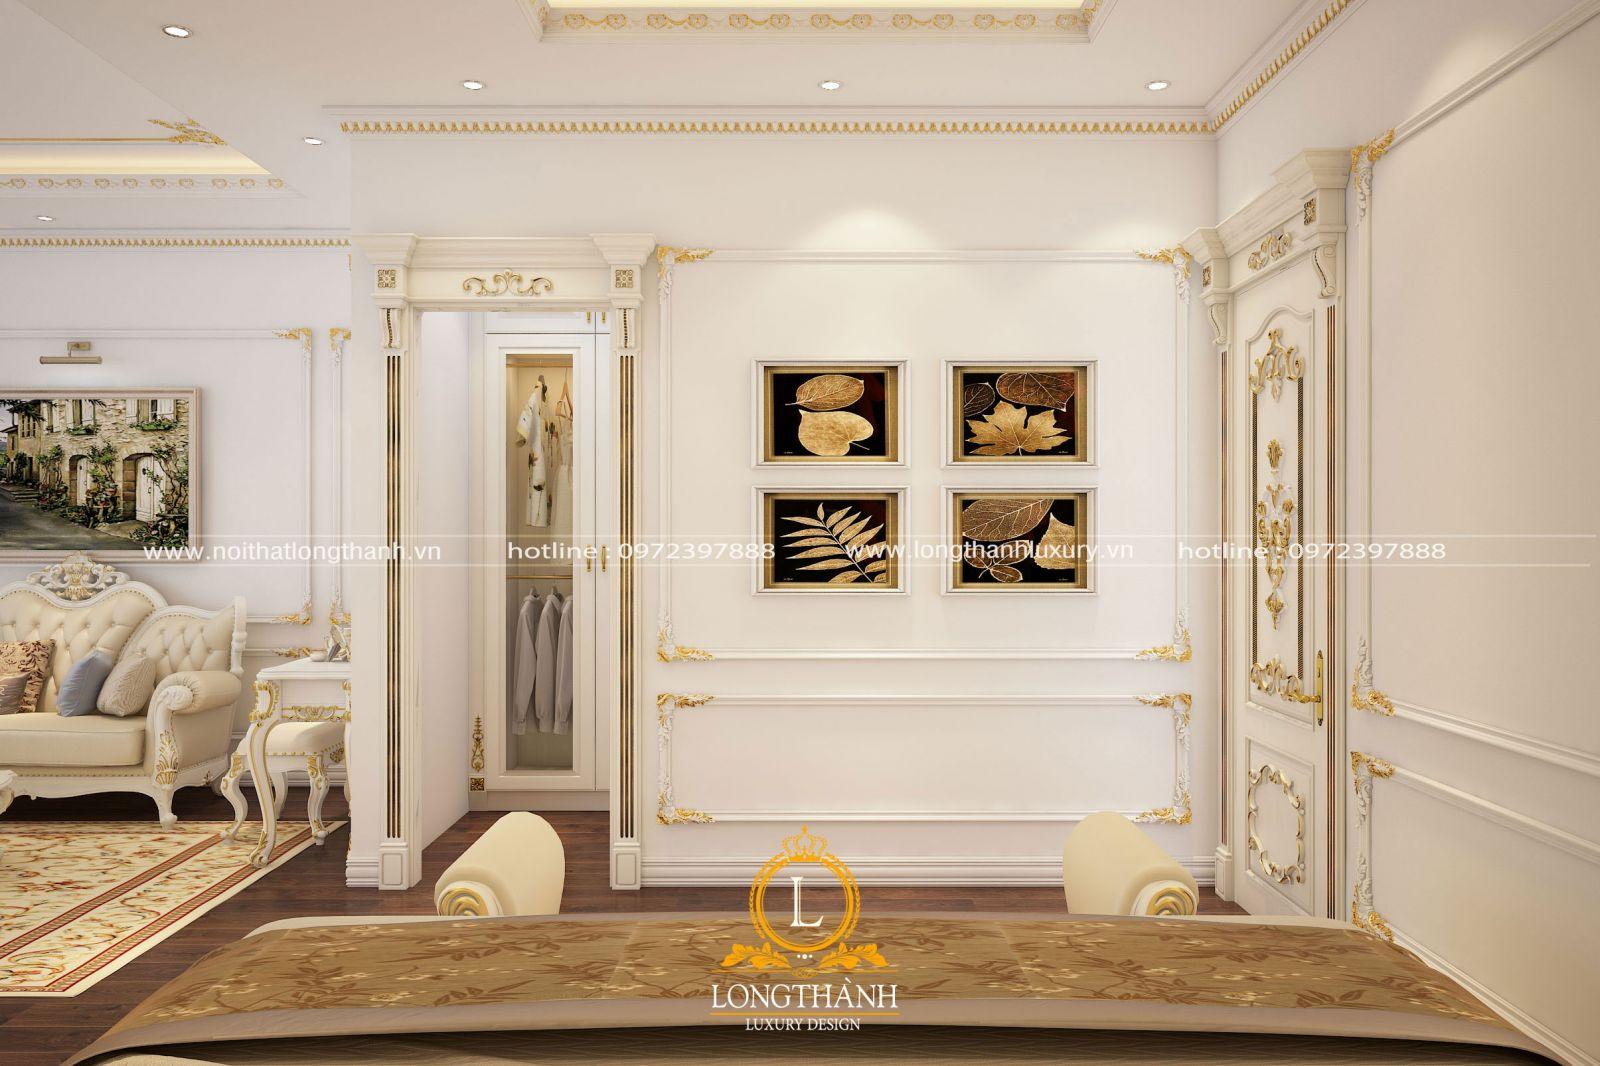 Phòng ngủ với thiết kế khu thay đồ riêng biệt